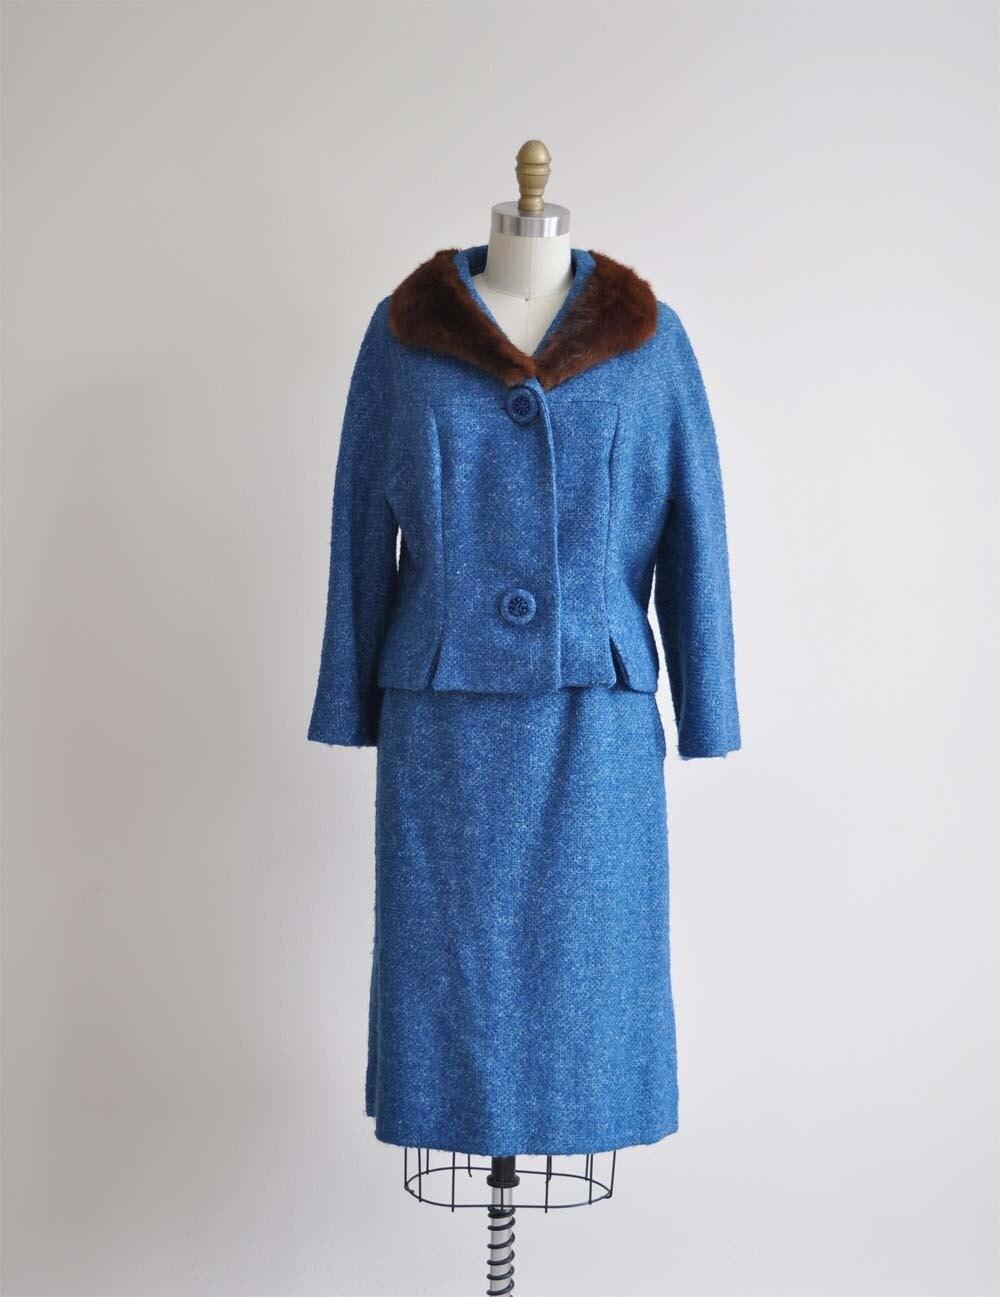 Vintage 60s SLATE Tweed Suit